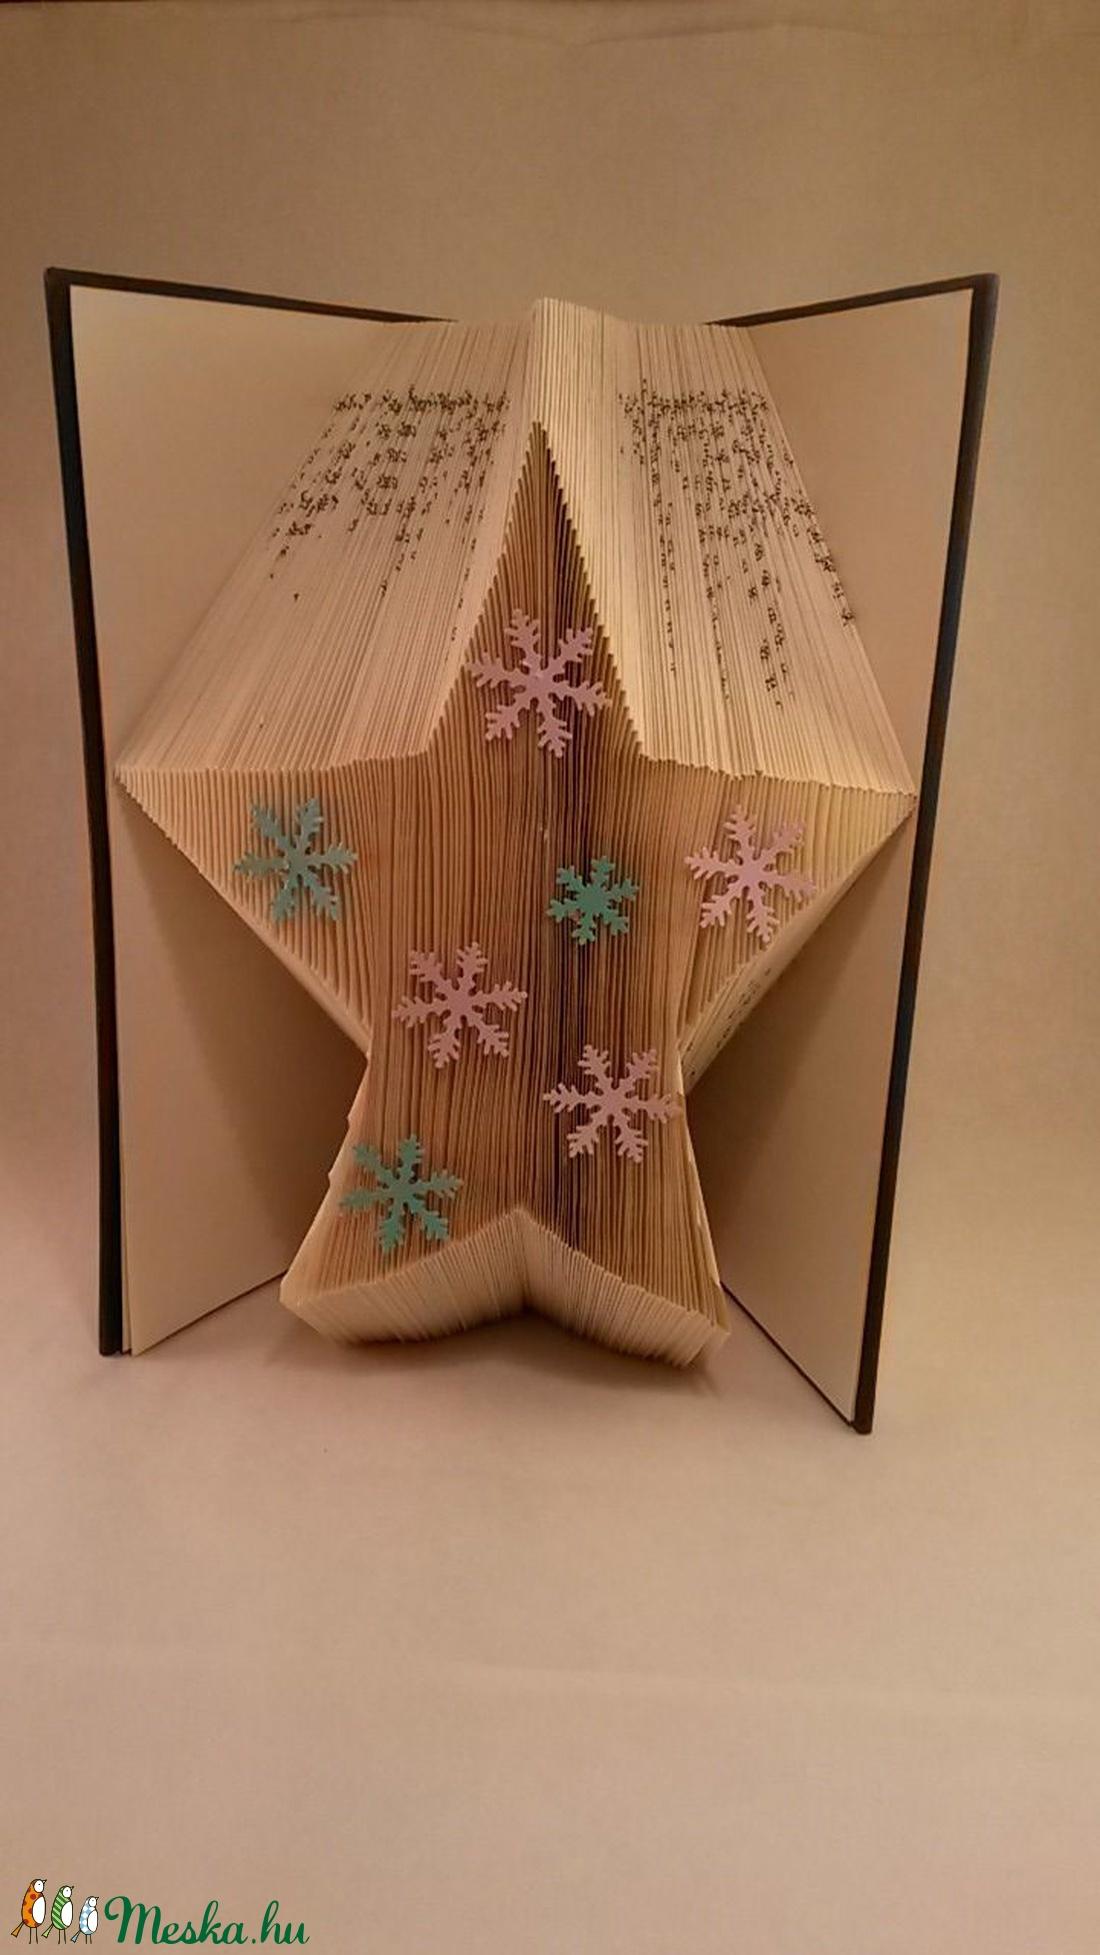 3D Csillag hajtogatott könyvszobor - Advent - Asztaldísz - Origami ajándék  - Hópihe - E39 b7275a8e8e